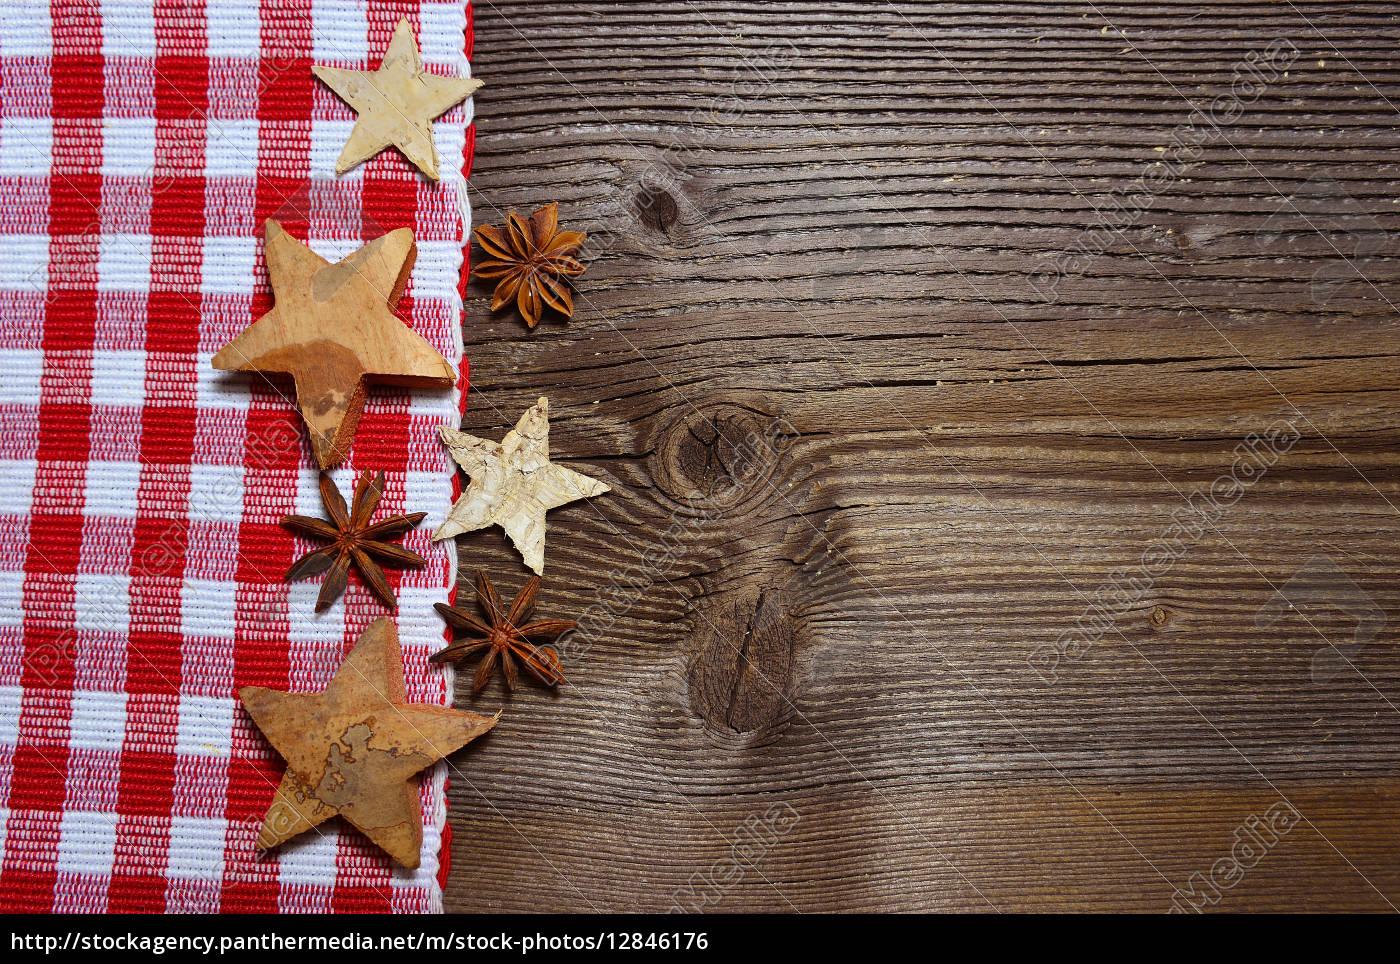 Weihnachten holz hintergrund lizenzfreies foto for Foto hintergrund weihnachten